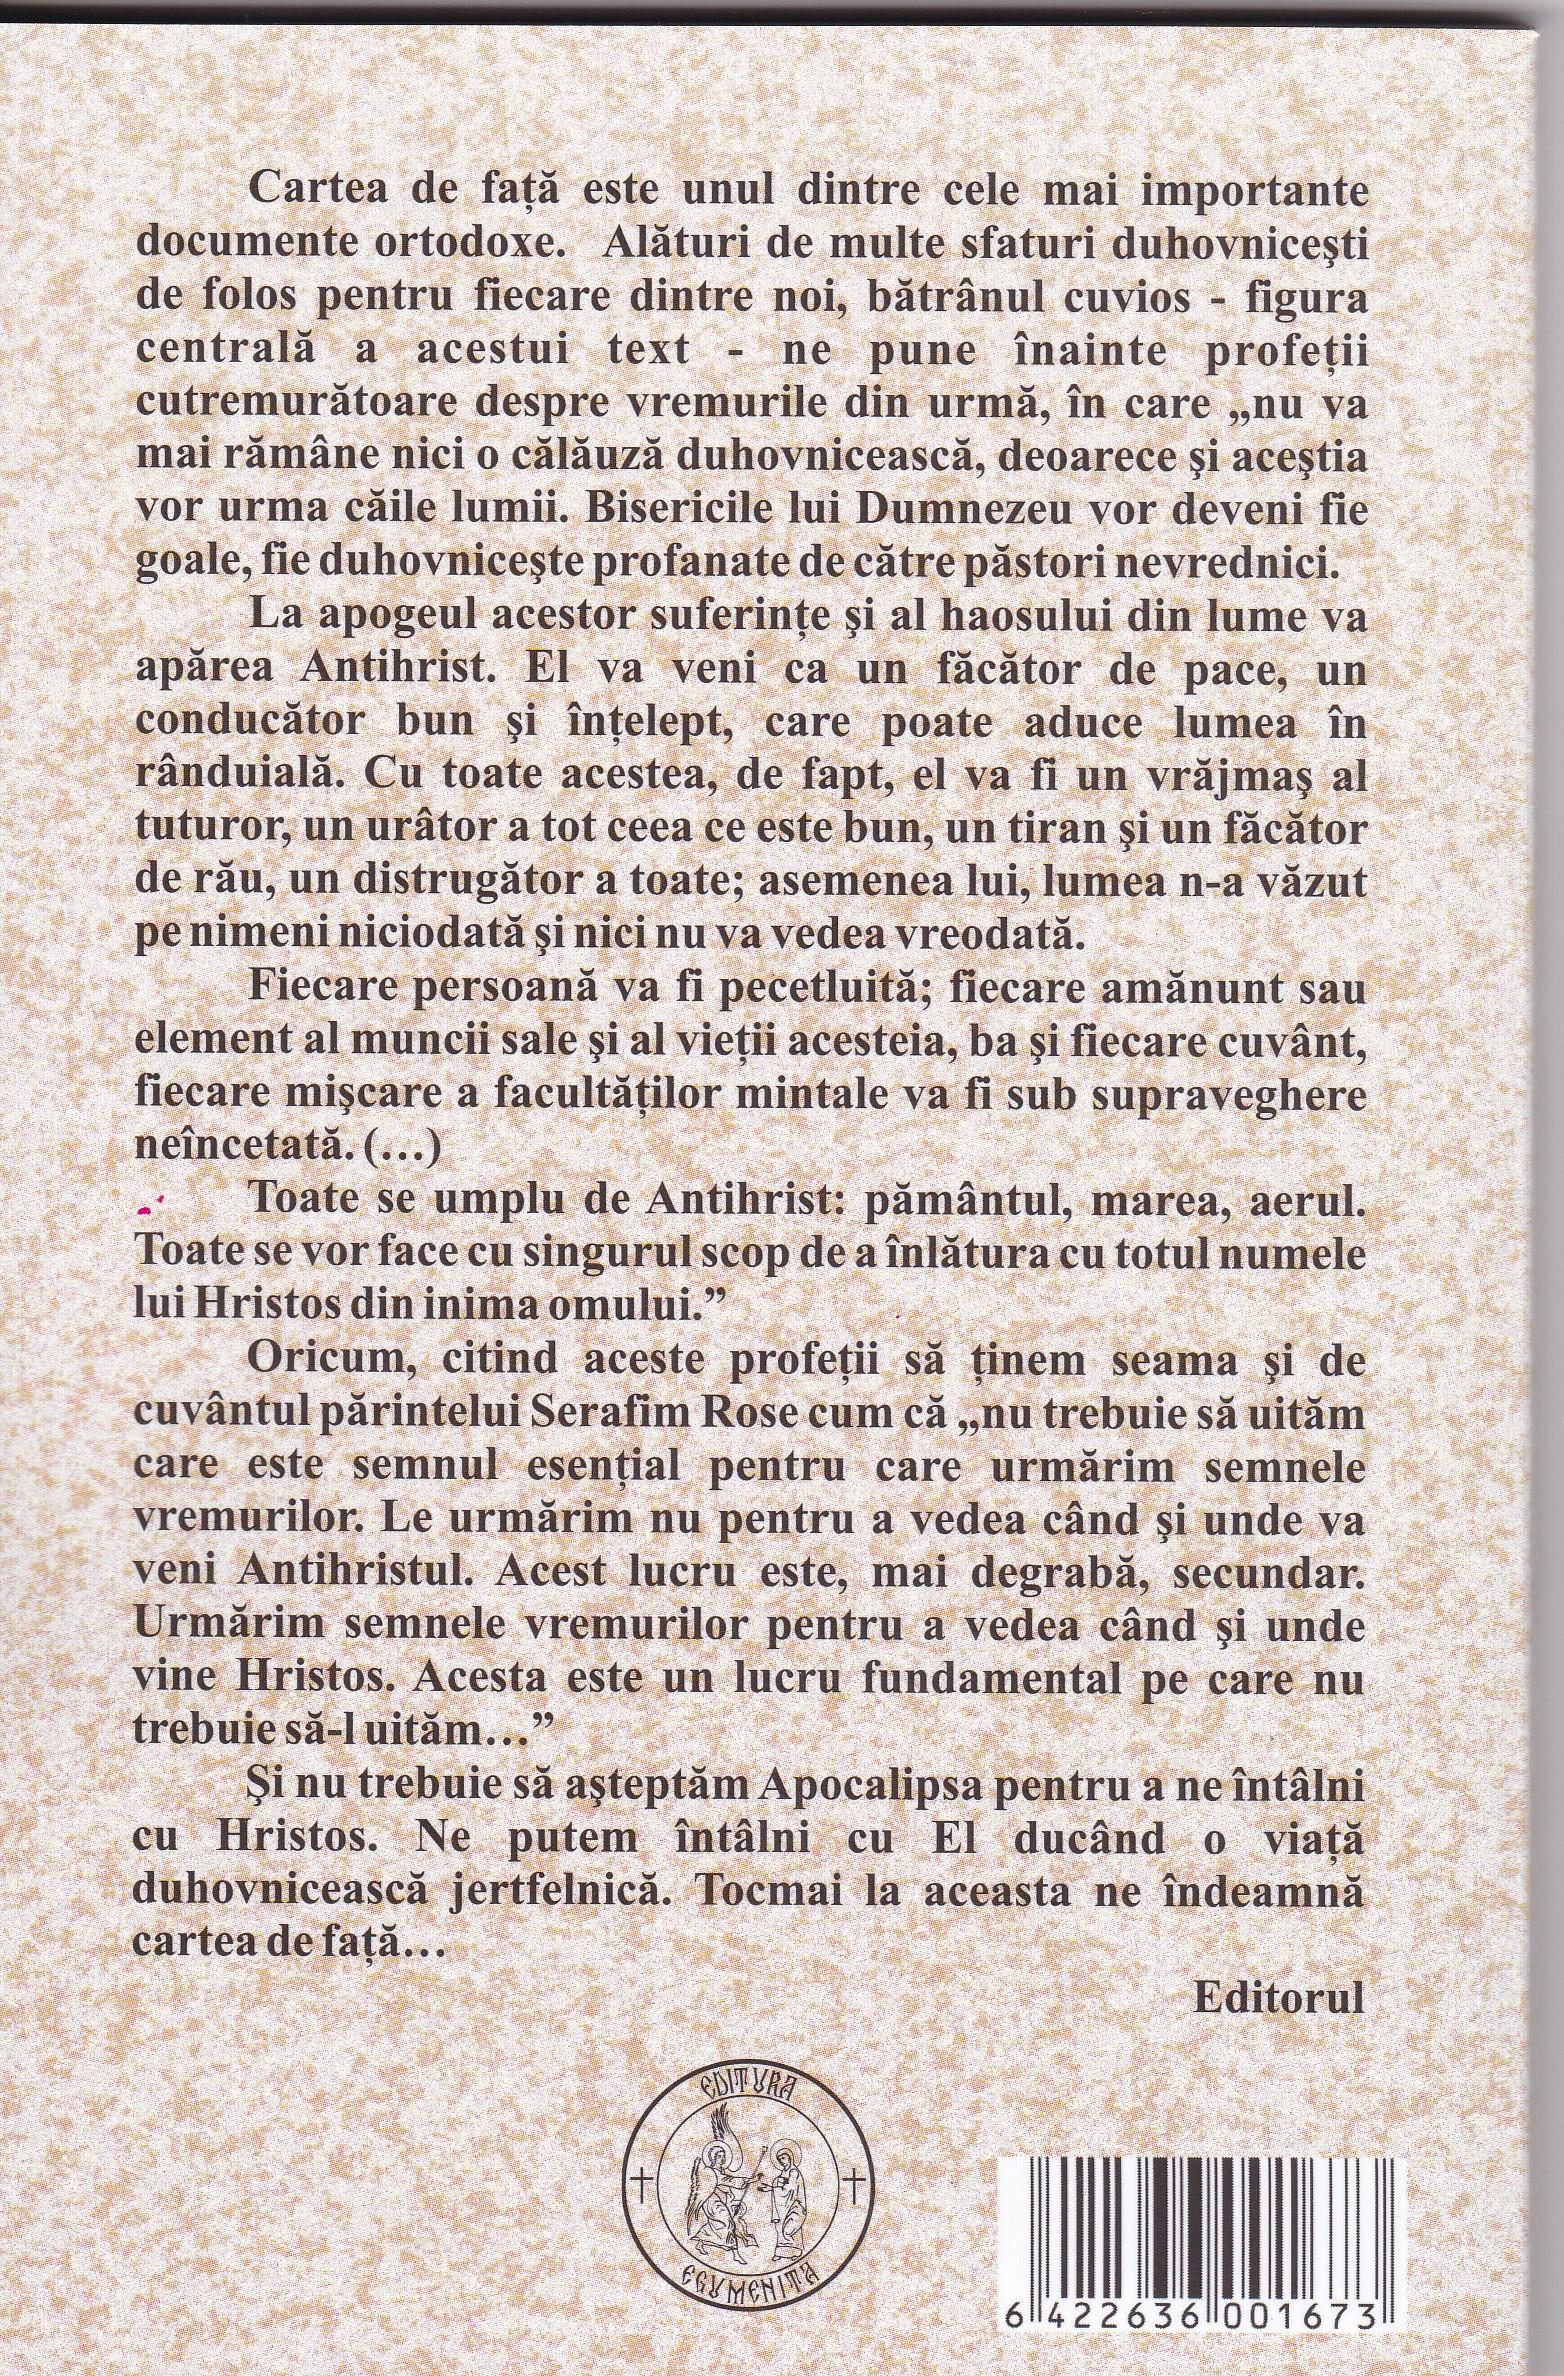 Cugetarile unei inimi smerite.Un document din sec XV  despre viata duhovniceasca